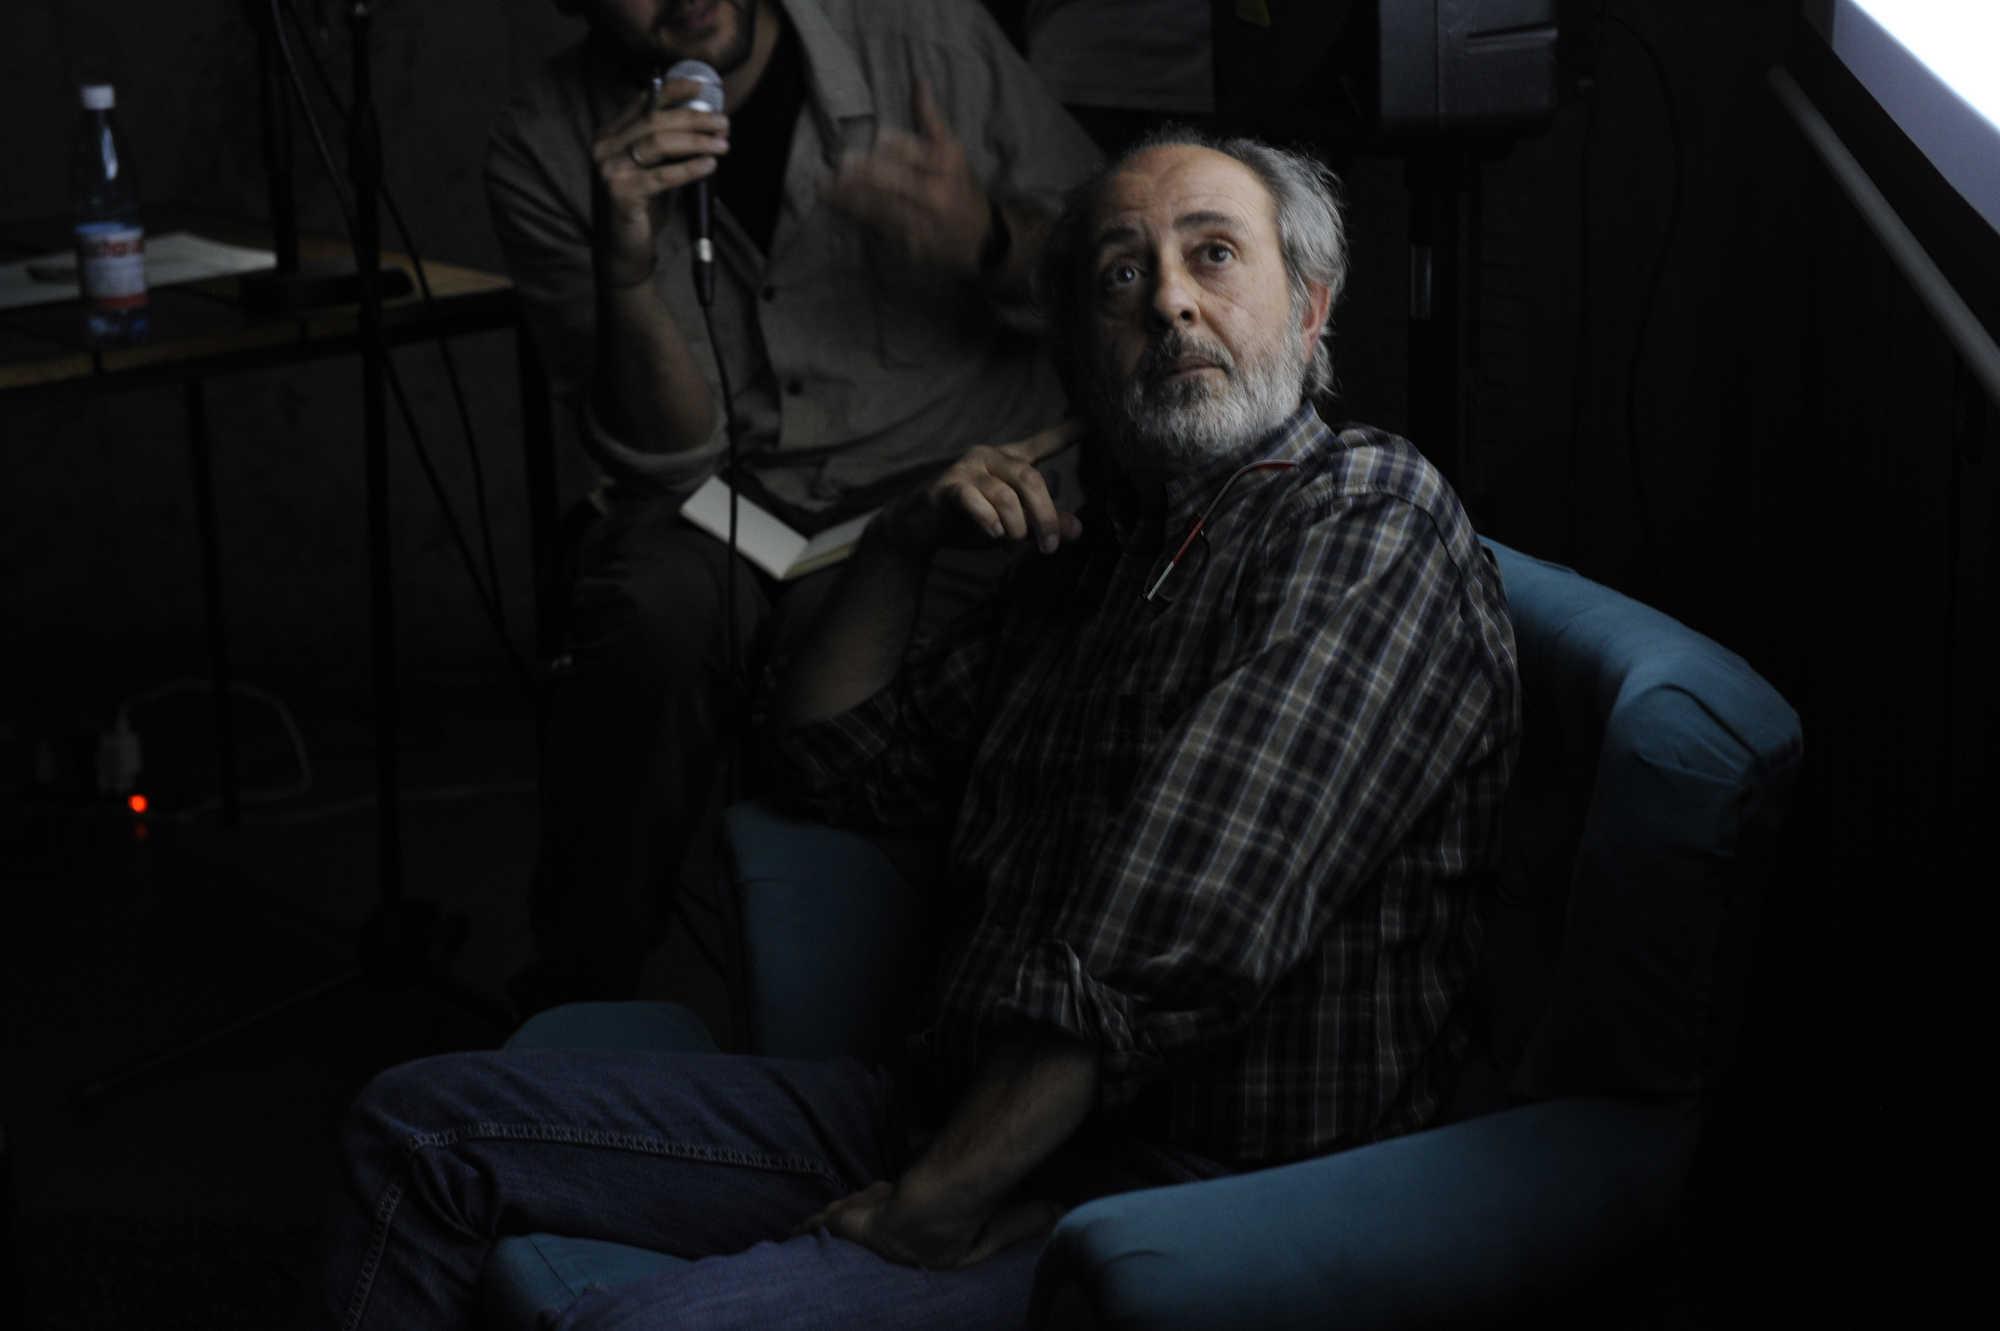 Dario Coletti, fotografo italiano participa en Díalogos Fotográficos en el Restaurant El Internado en el marco de la 7ª edición del Festival Internacional de Fotografía en Valparaíso, FIFV 2016. ©Víctor Ruiz Caballero